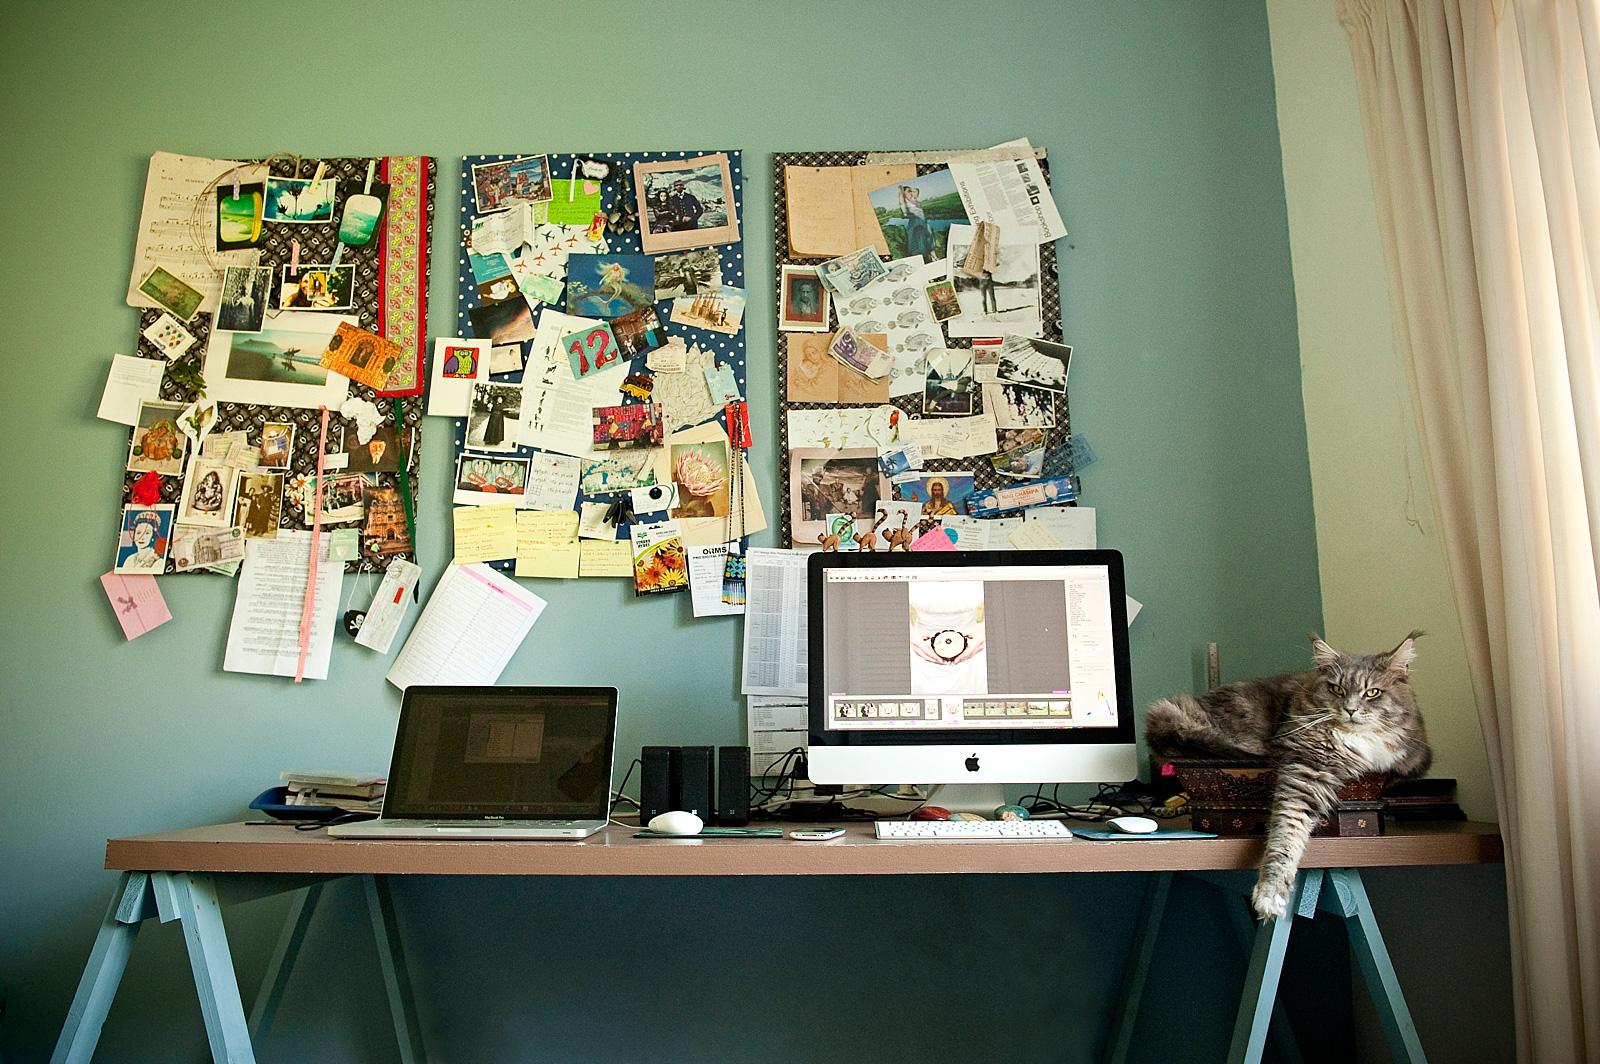 Main Coon at desk